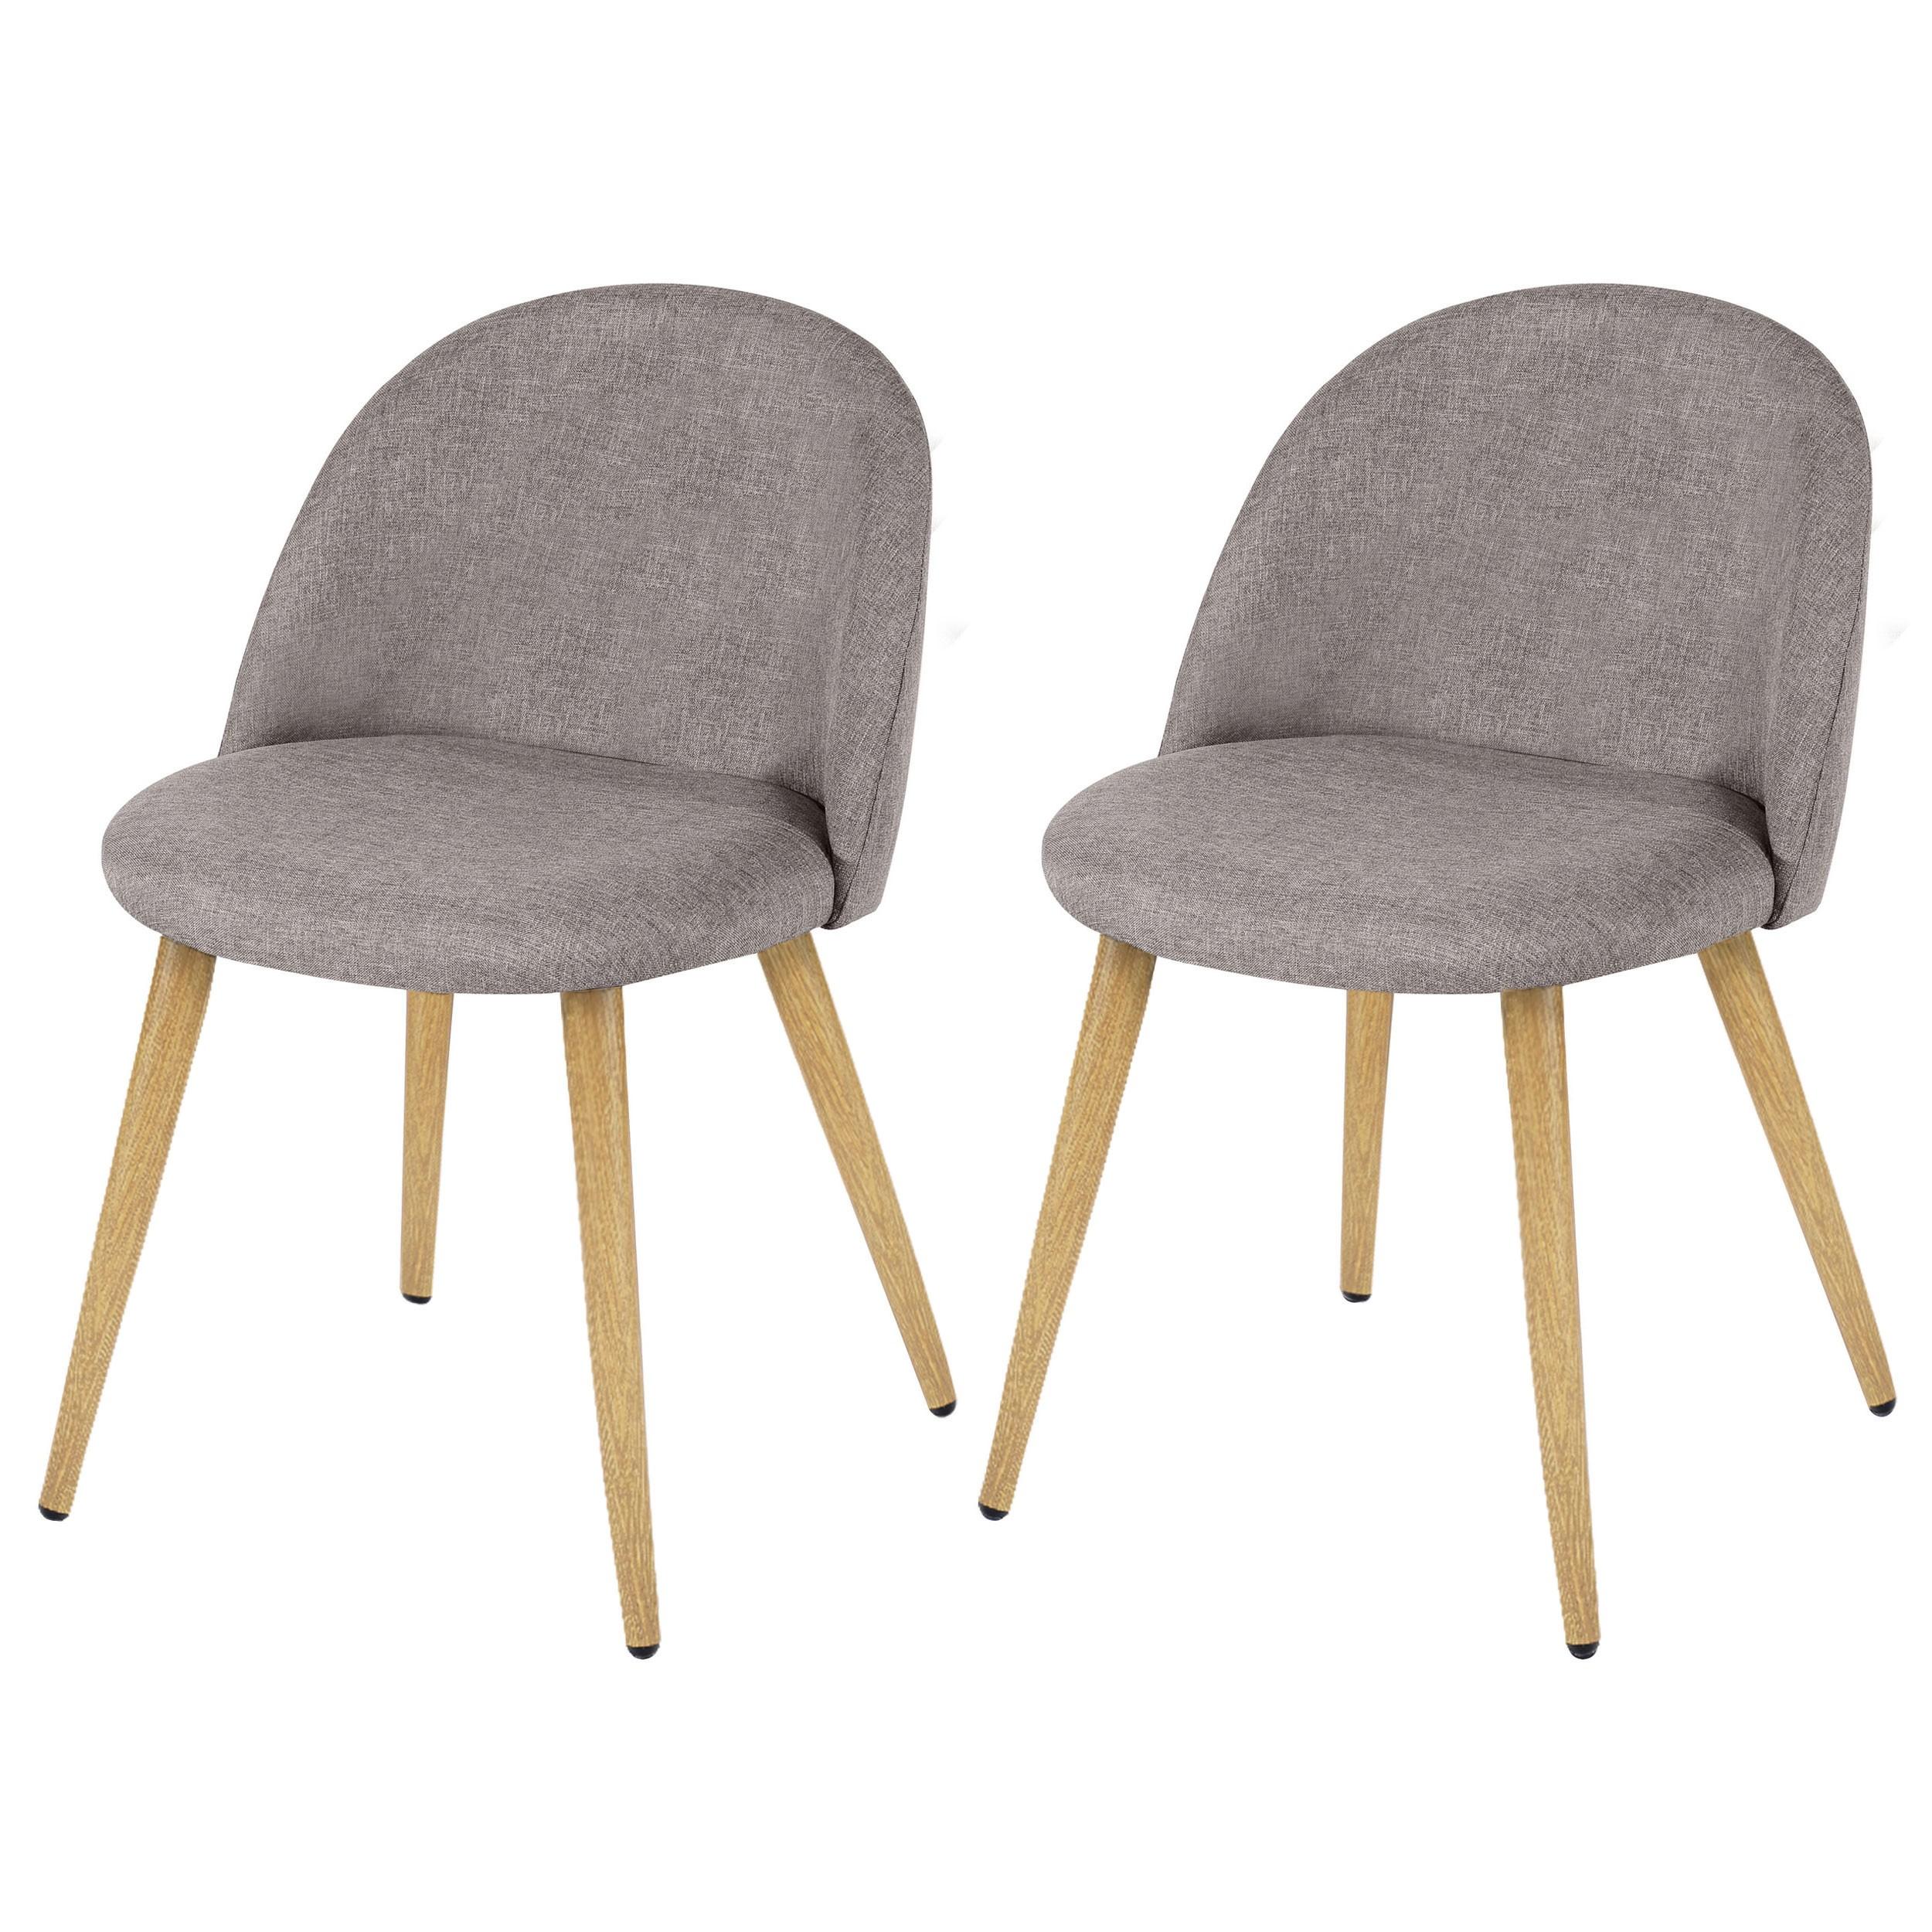 Chaise cozy taupe lot de 2 choisissez nos chaises cozy for Acheter chaise design